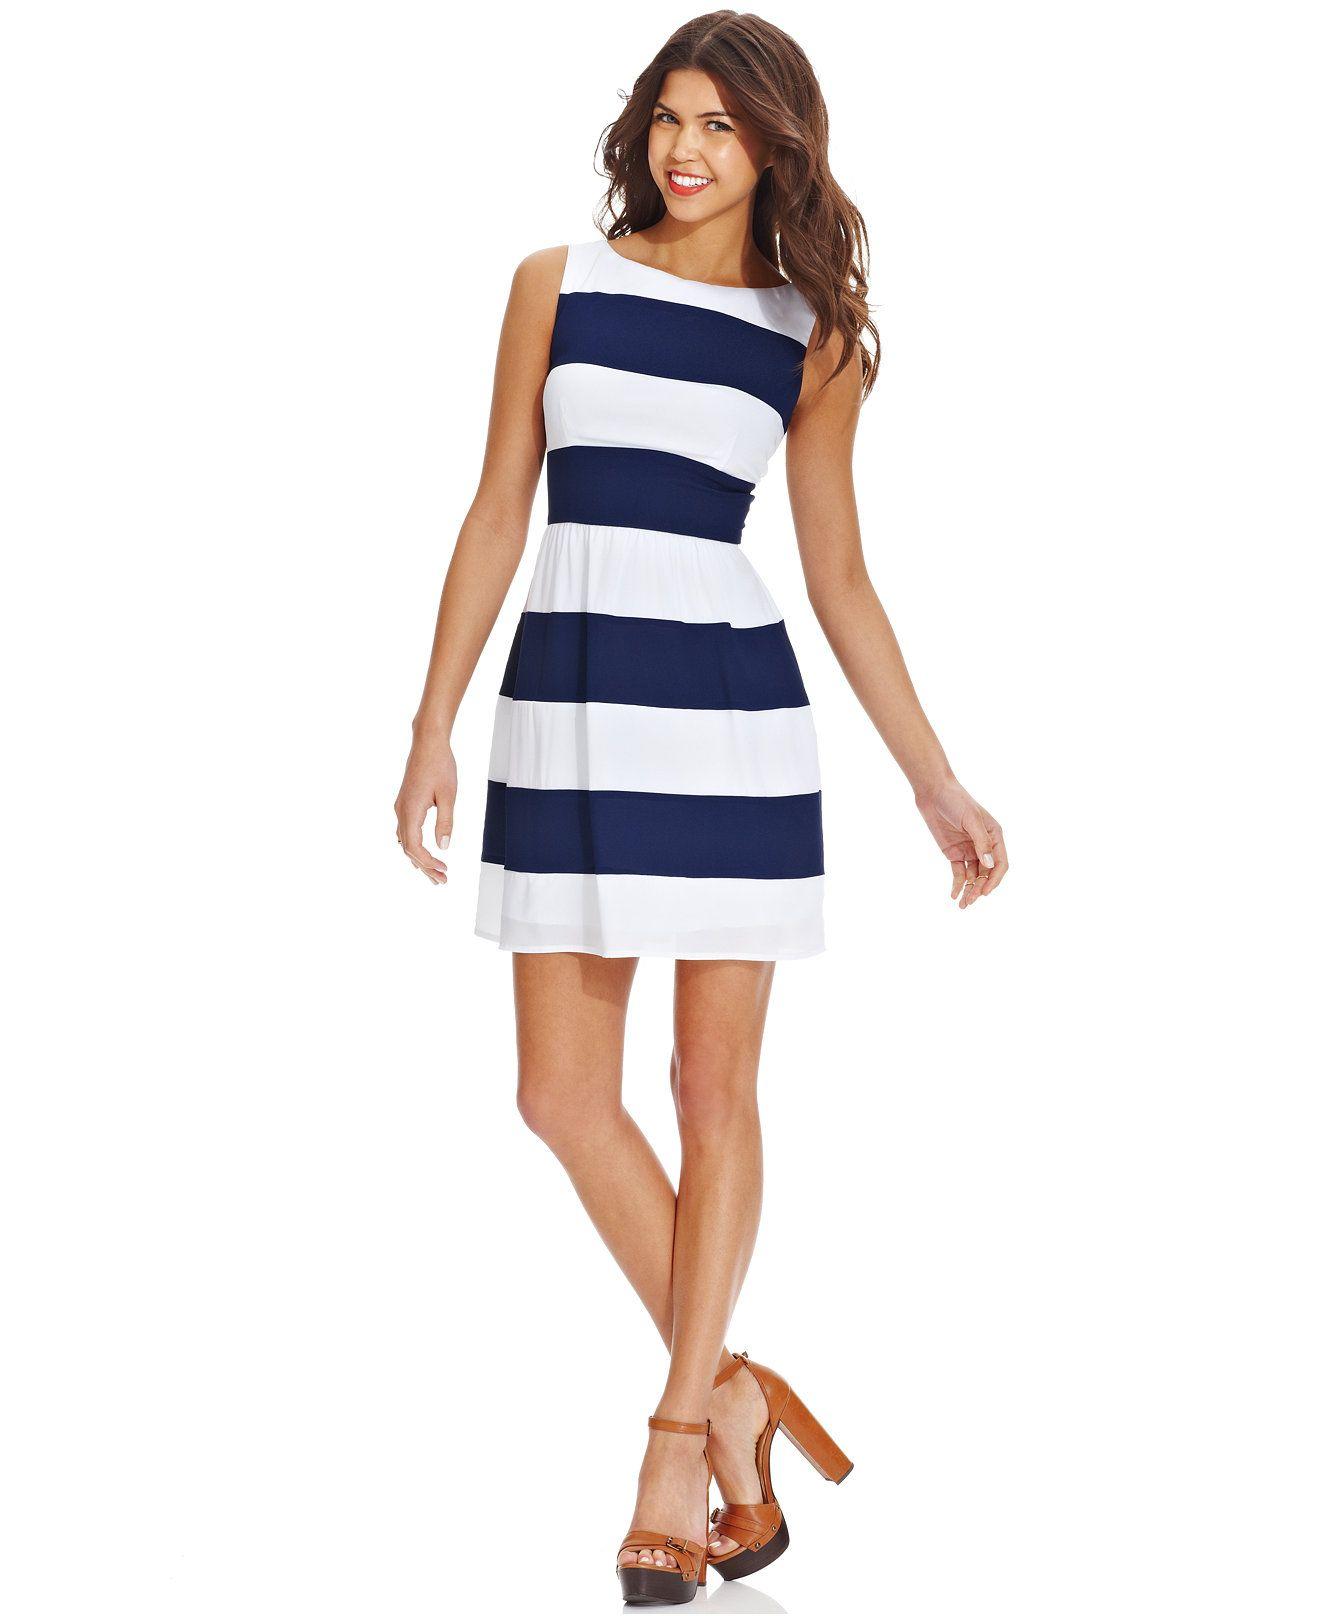 macys casual summer dresses